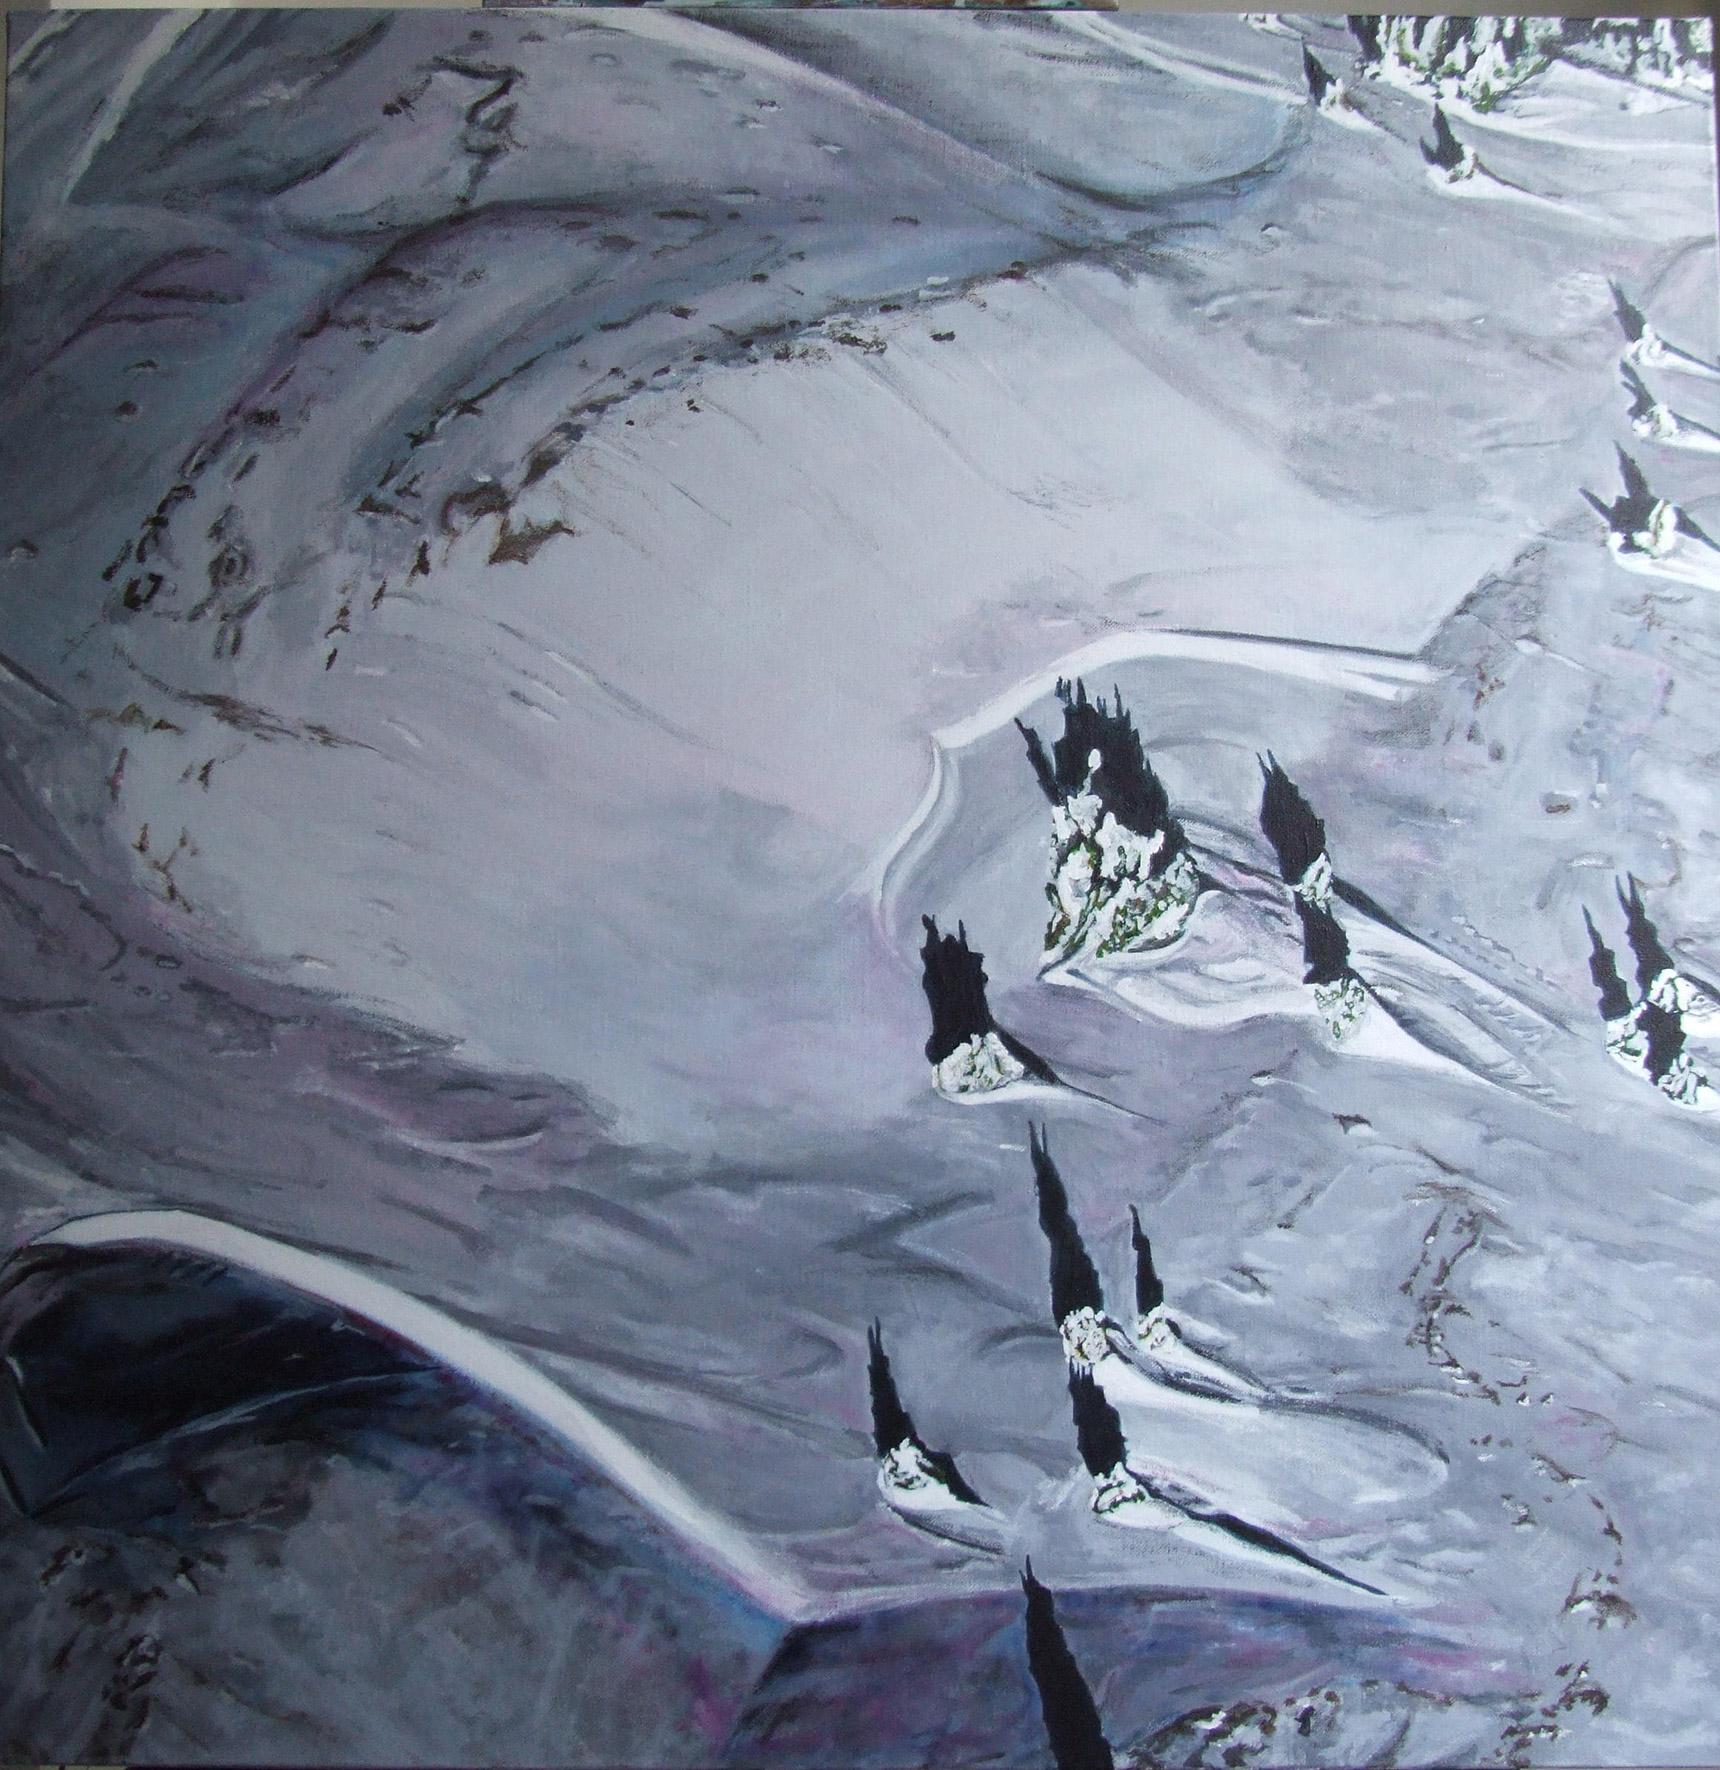 Peinture hyperréalisme Hervé Bernard : Si on dansait